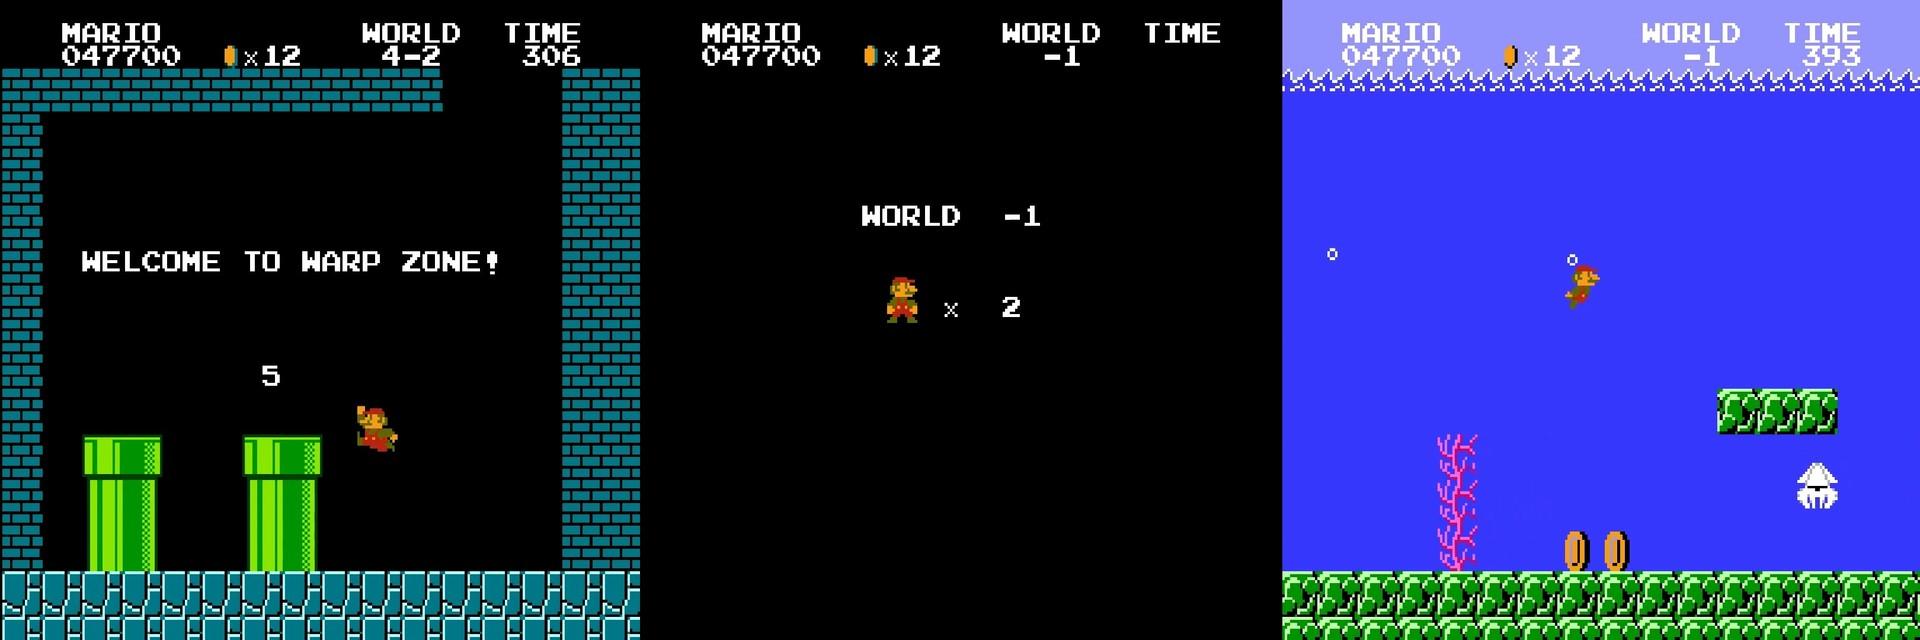 Как работает баг с миром −1 в Super Mario Bros - 7